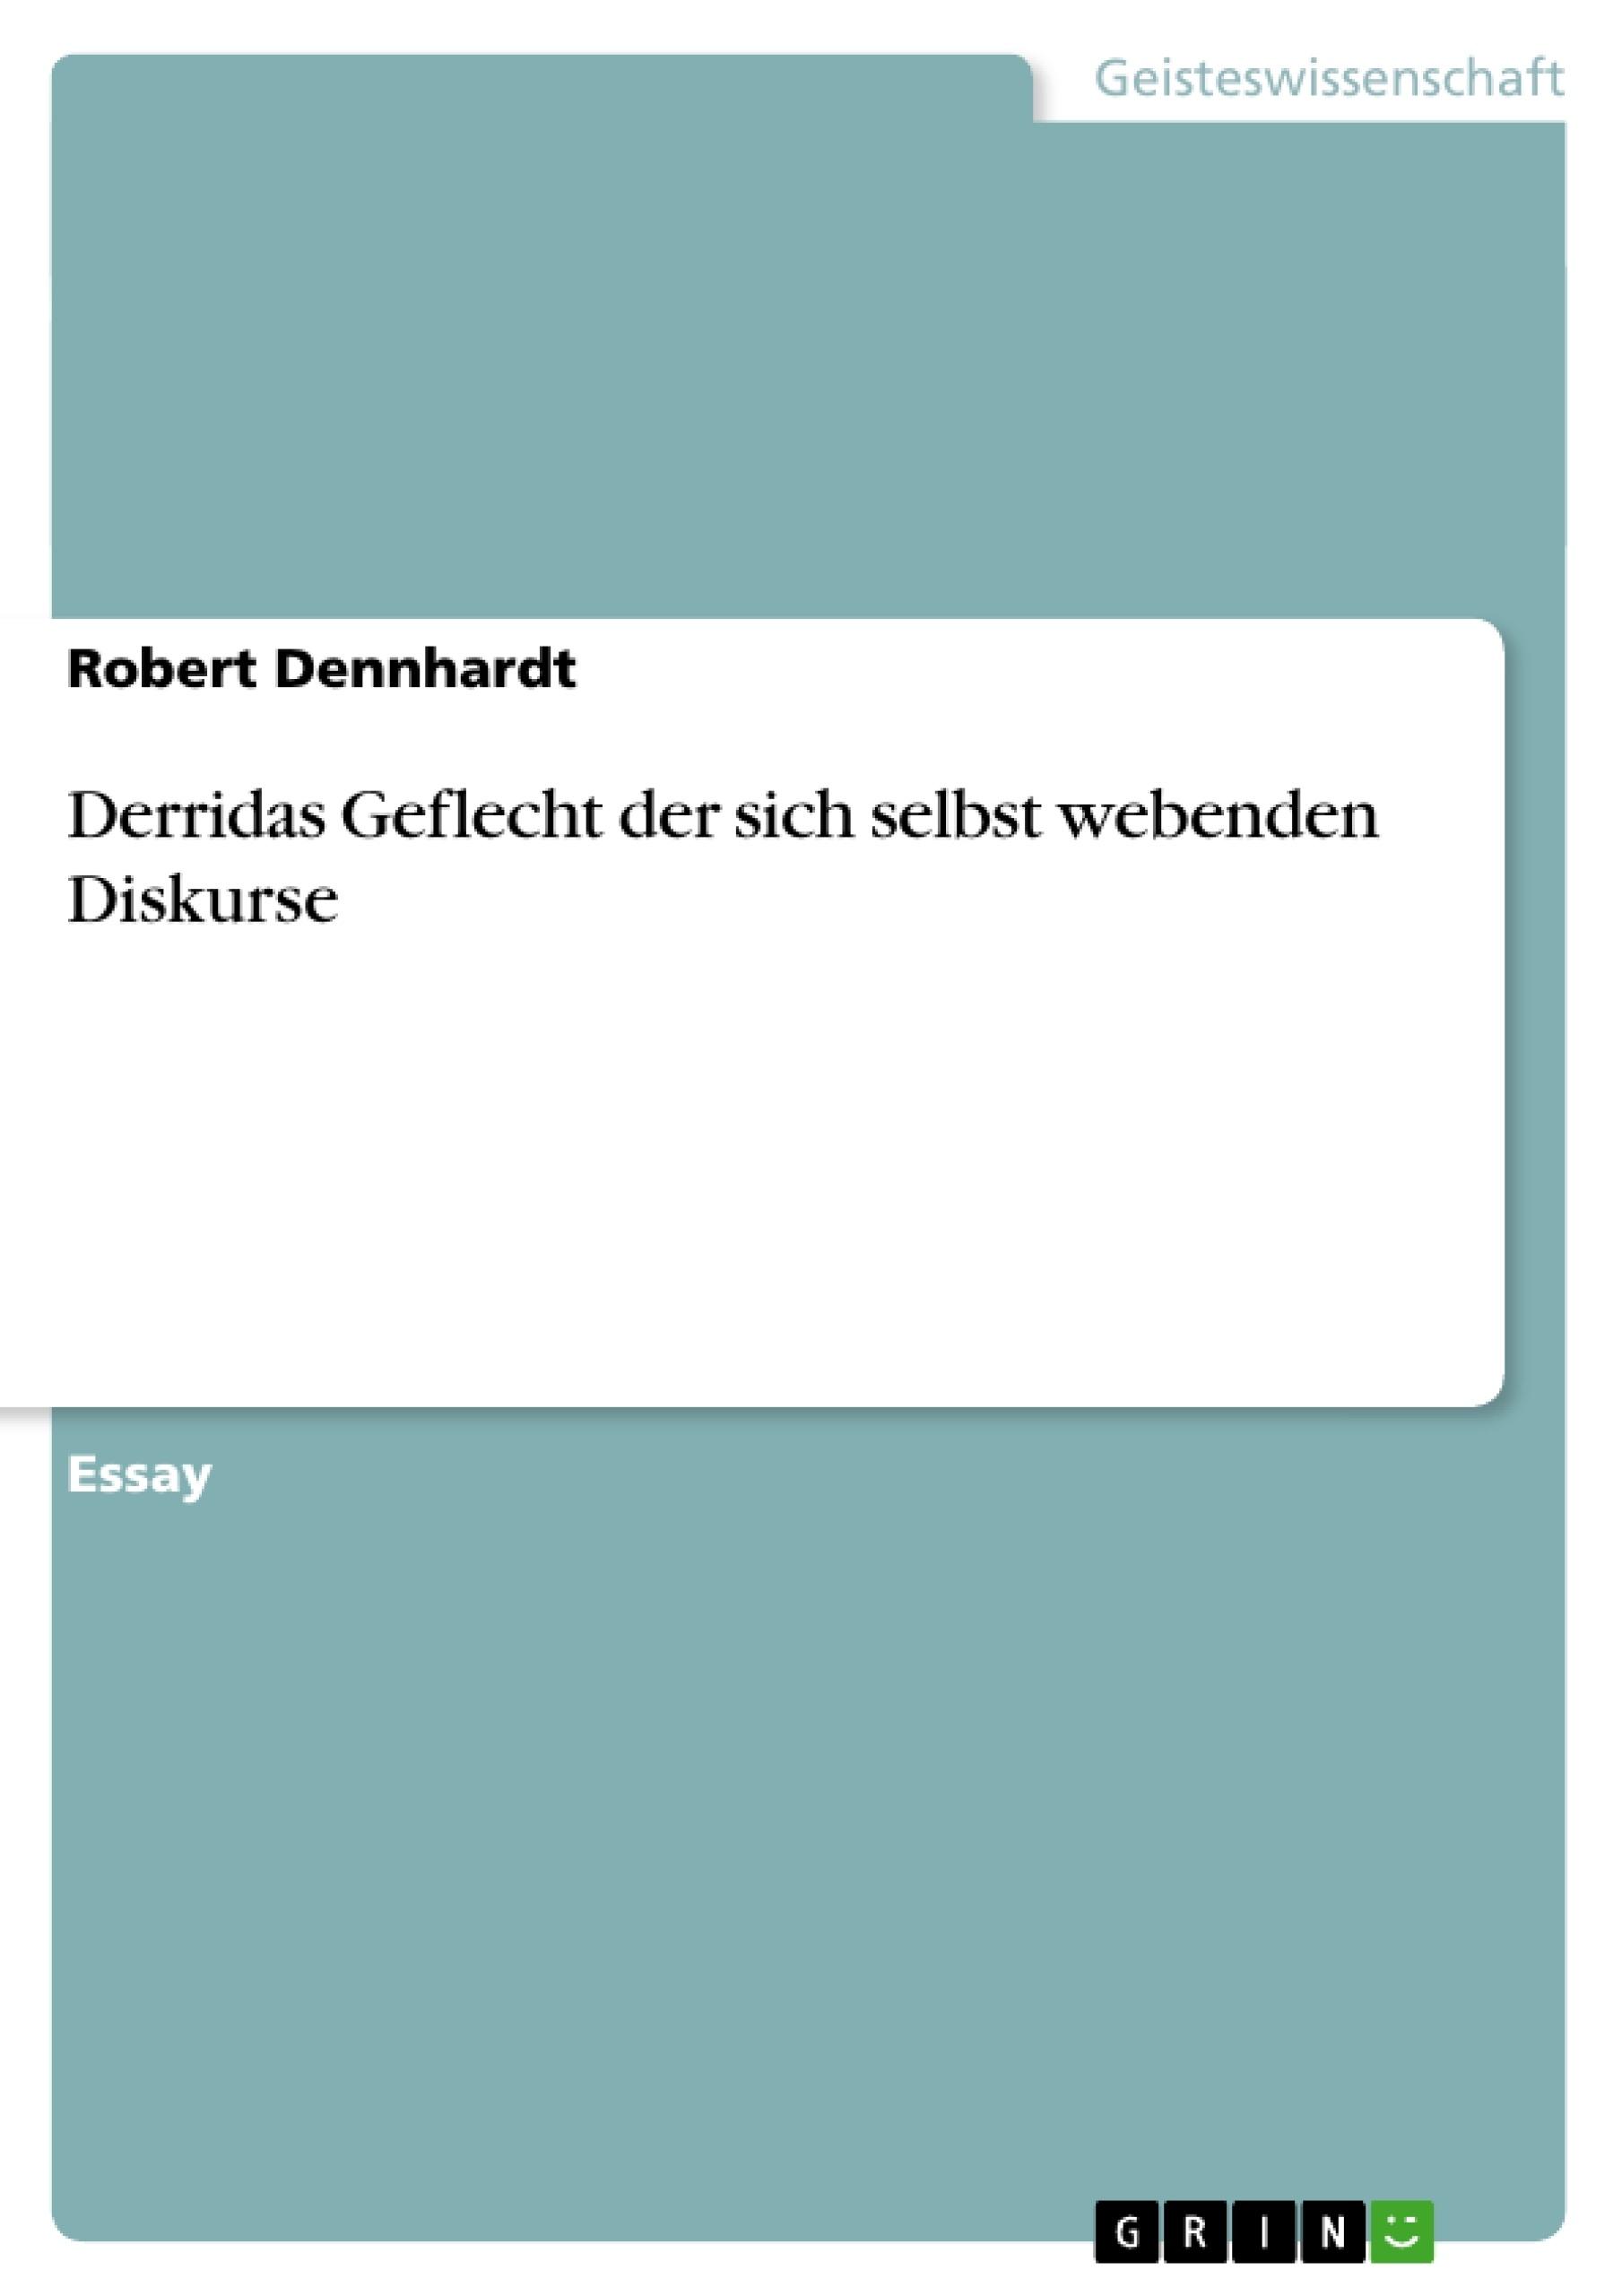 Titel: Derridas Geflecht der sich selbst webenden Diskurse